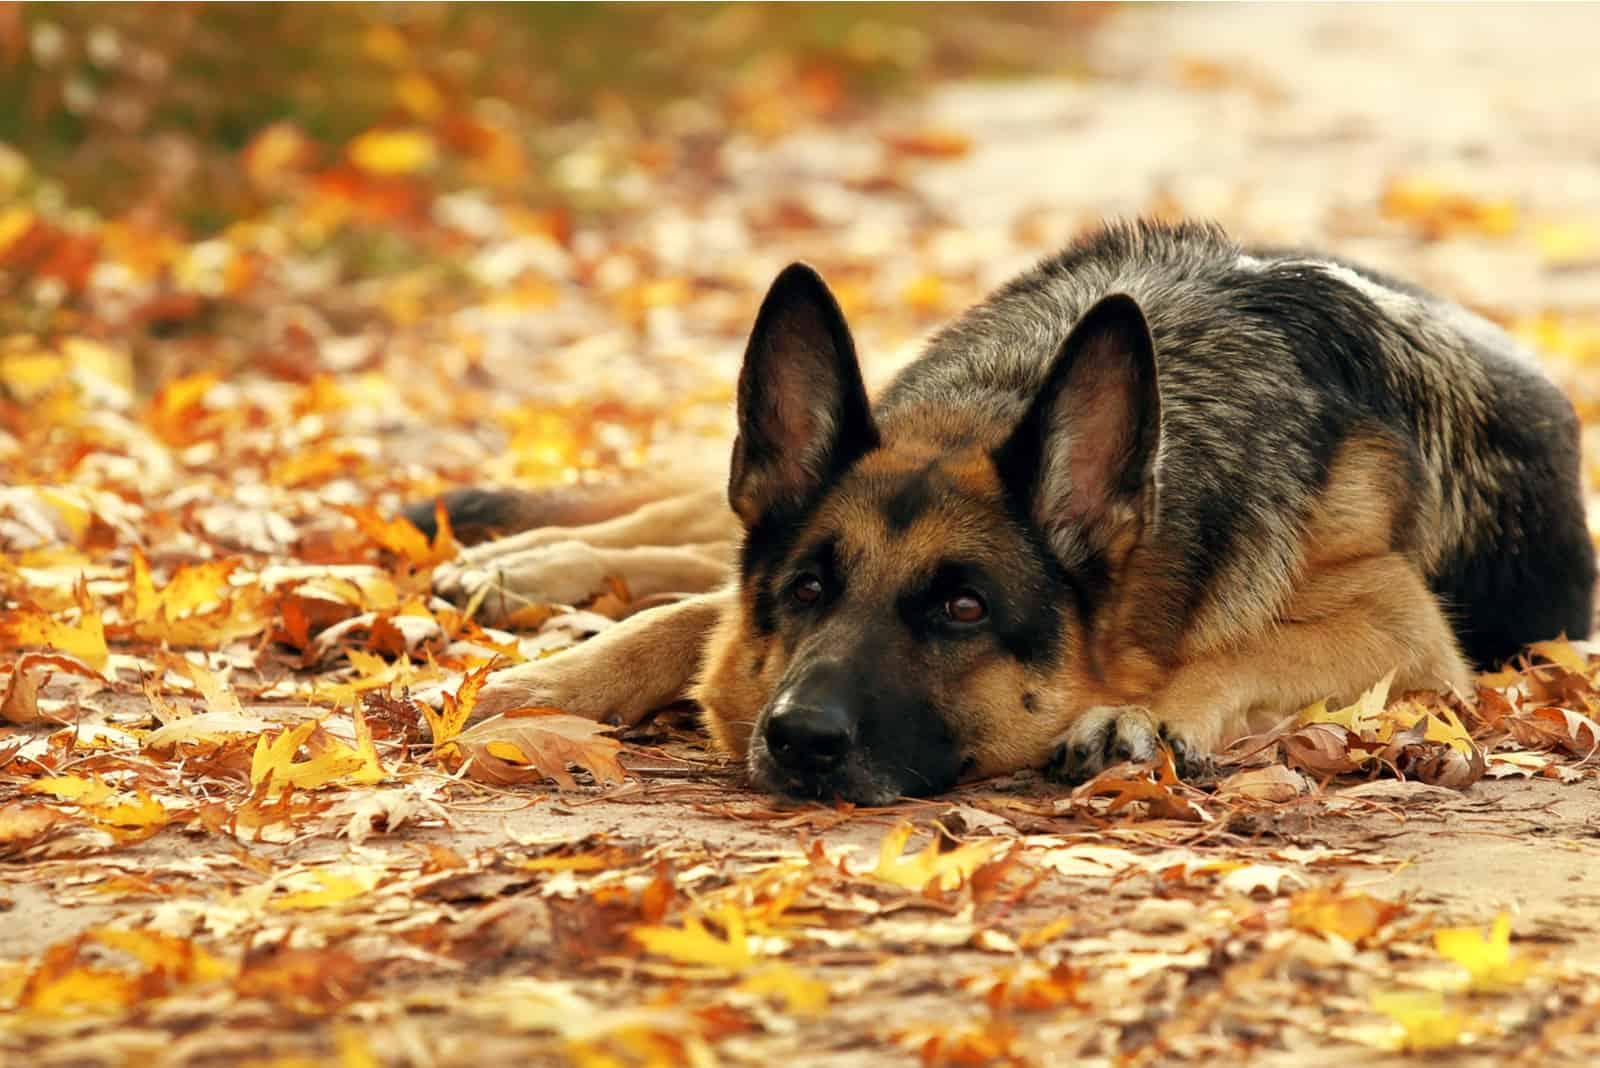 Dog German shepherd lying outdoors